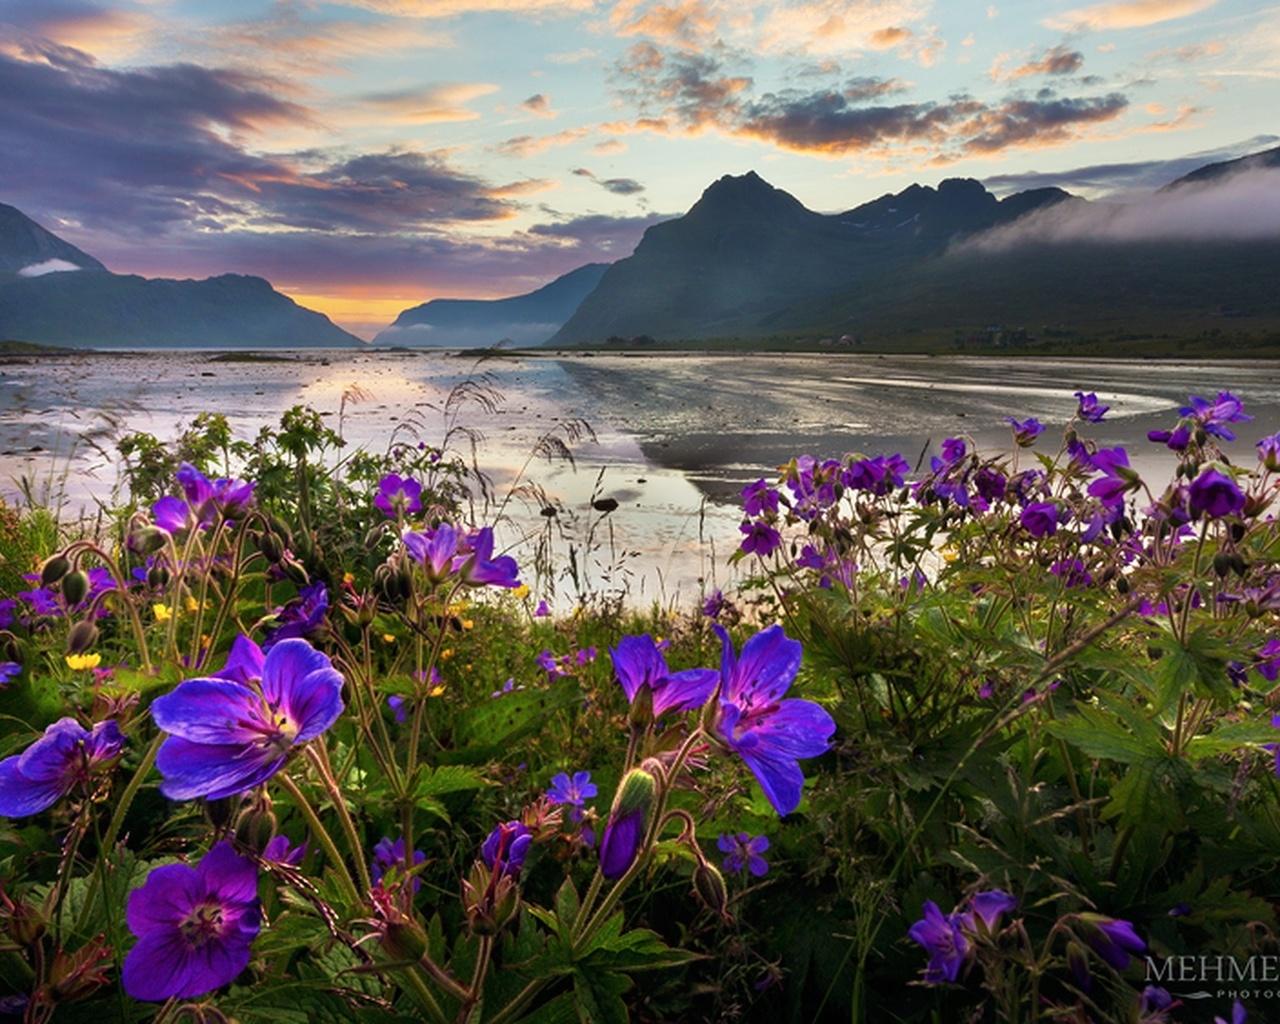 природа, пейзаж, горы, море, берег, цветы, вечер, mehmet eralp